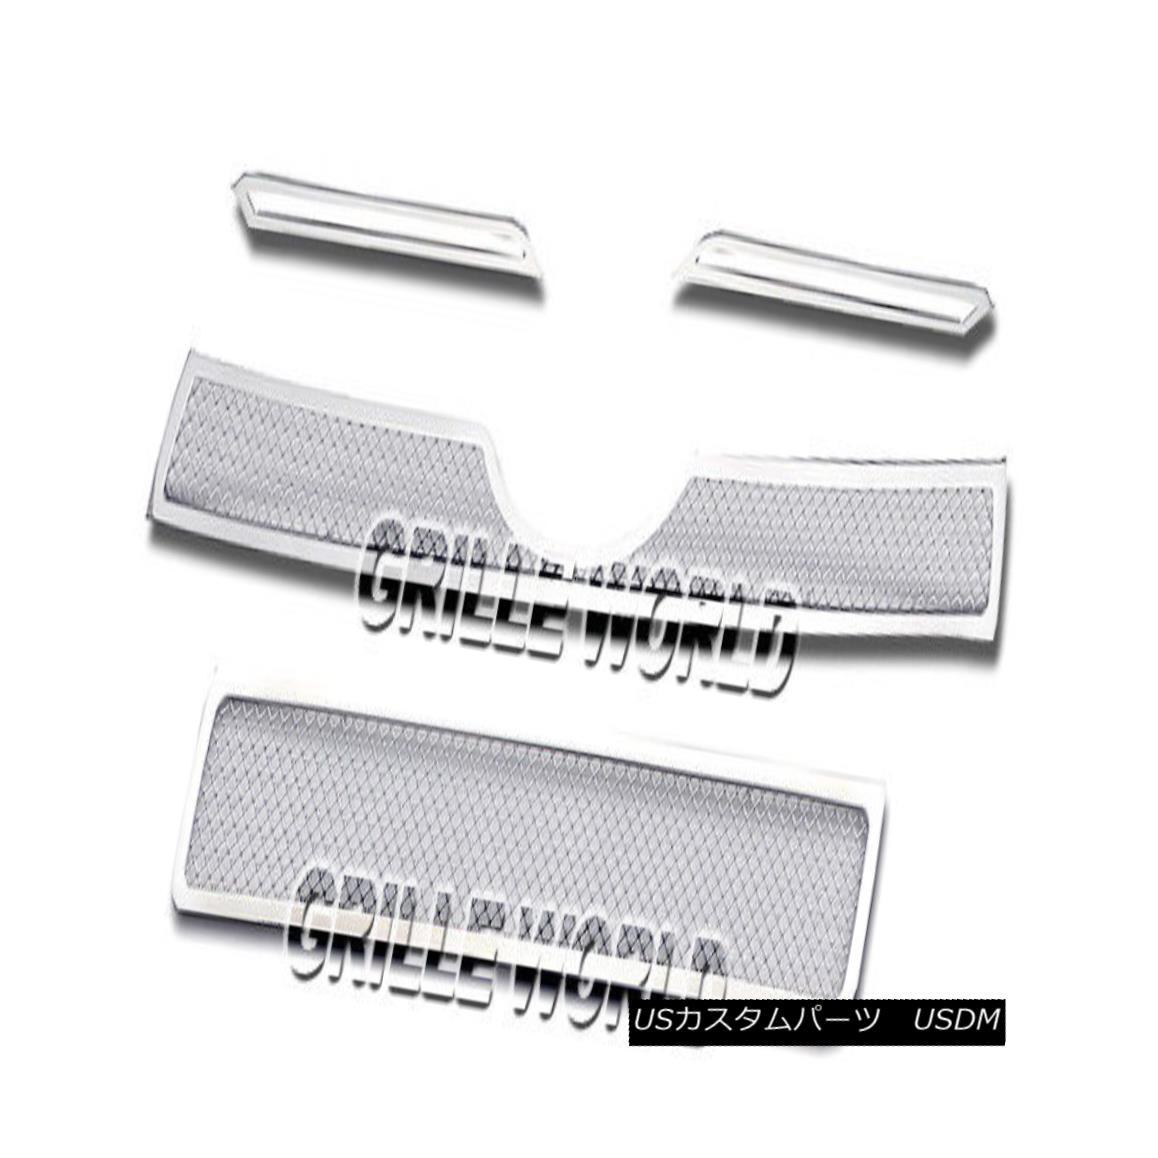 グリル Customized For 10-11 Toyota 4Runner Mesh Premium Grille Combo Insert トヨタ4Runnerメッシュプレミアムグリルコンボインサート